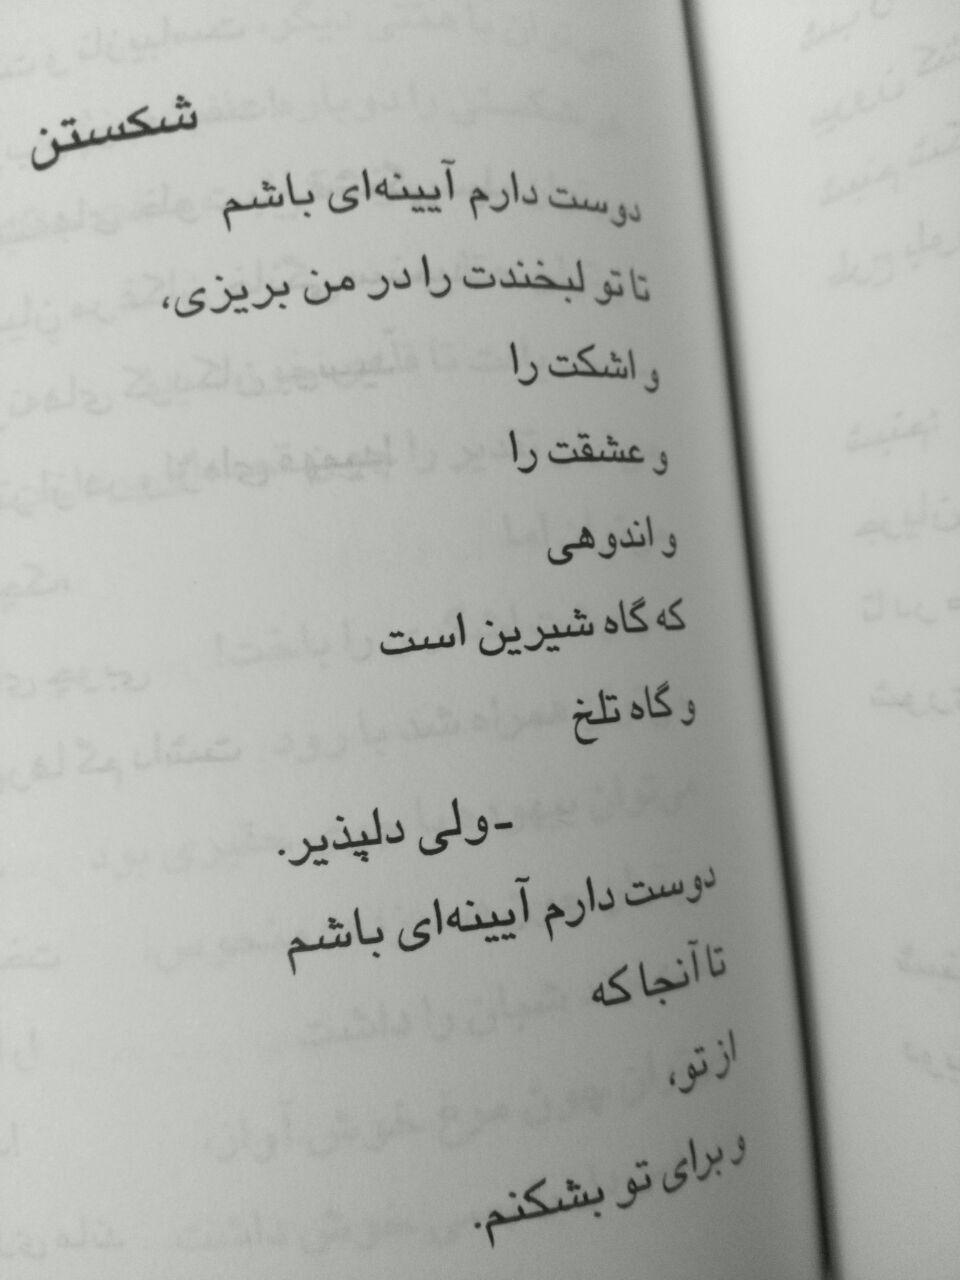 دوست دارم آینه ای باشم تا آنجا که از تو و برای تو بشکنم شعر اشعارپارسی ادبیات متن تکست تکست گرافی Text Cool Words Persian Quotes Cute Texts